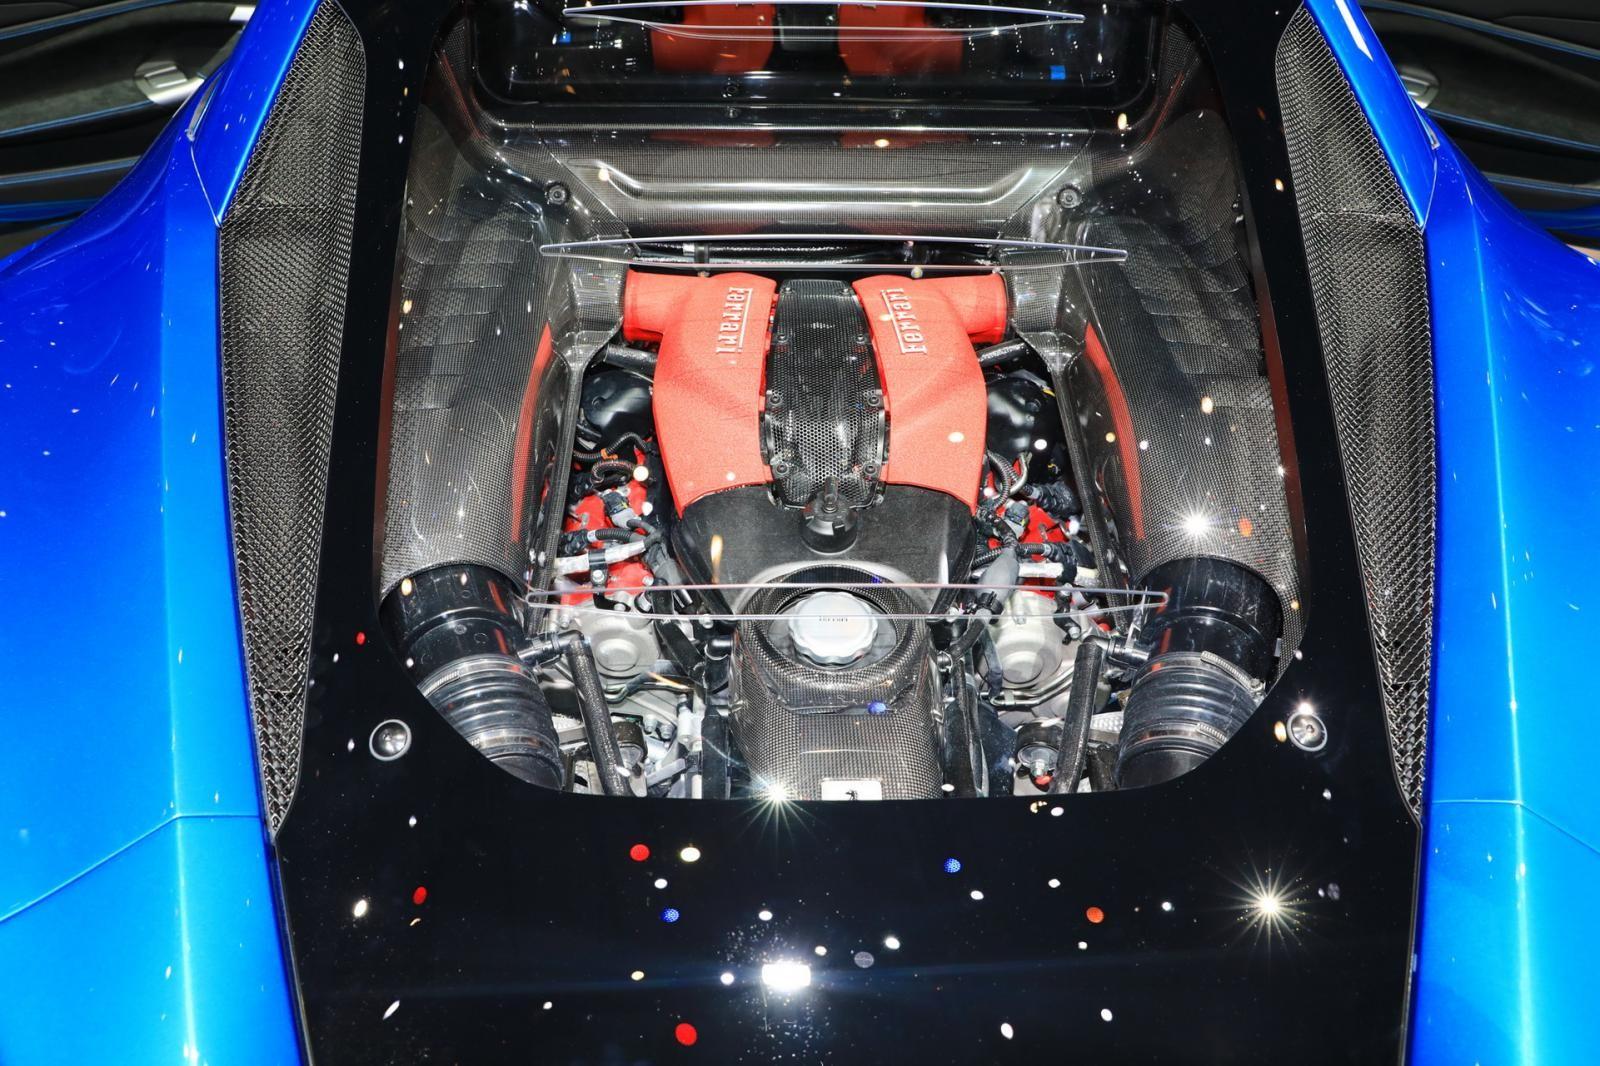 Động cơ của Ferrari F8 Tributo có thể là được bê từ Ferrari 488 Pista sang